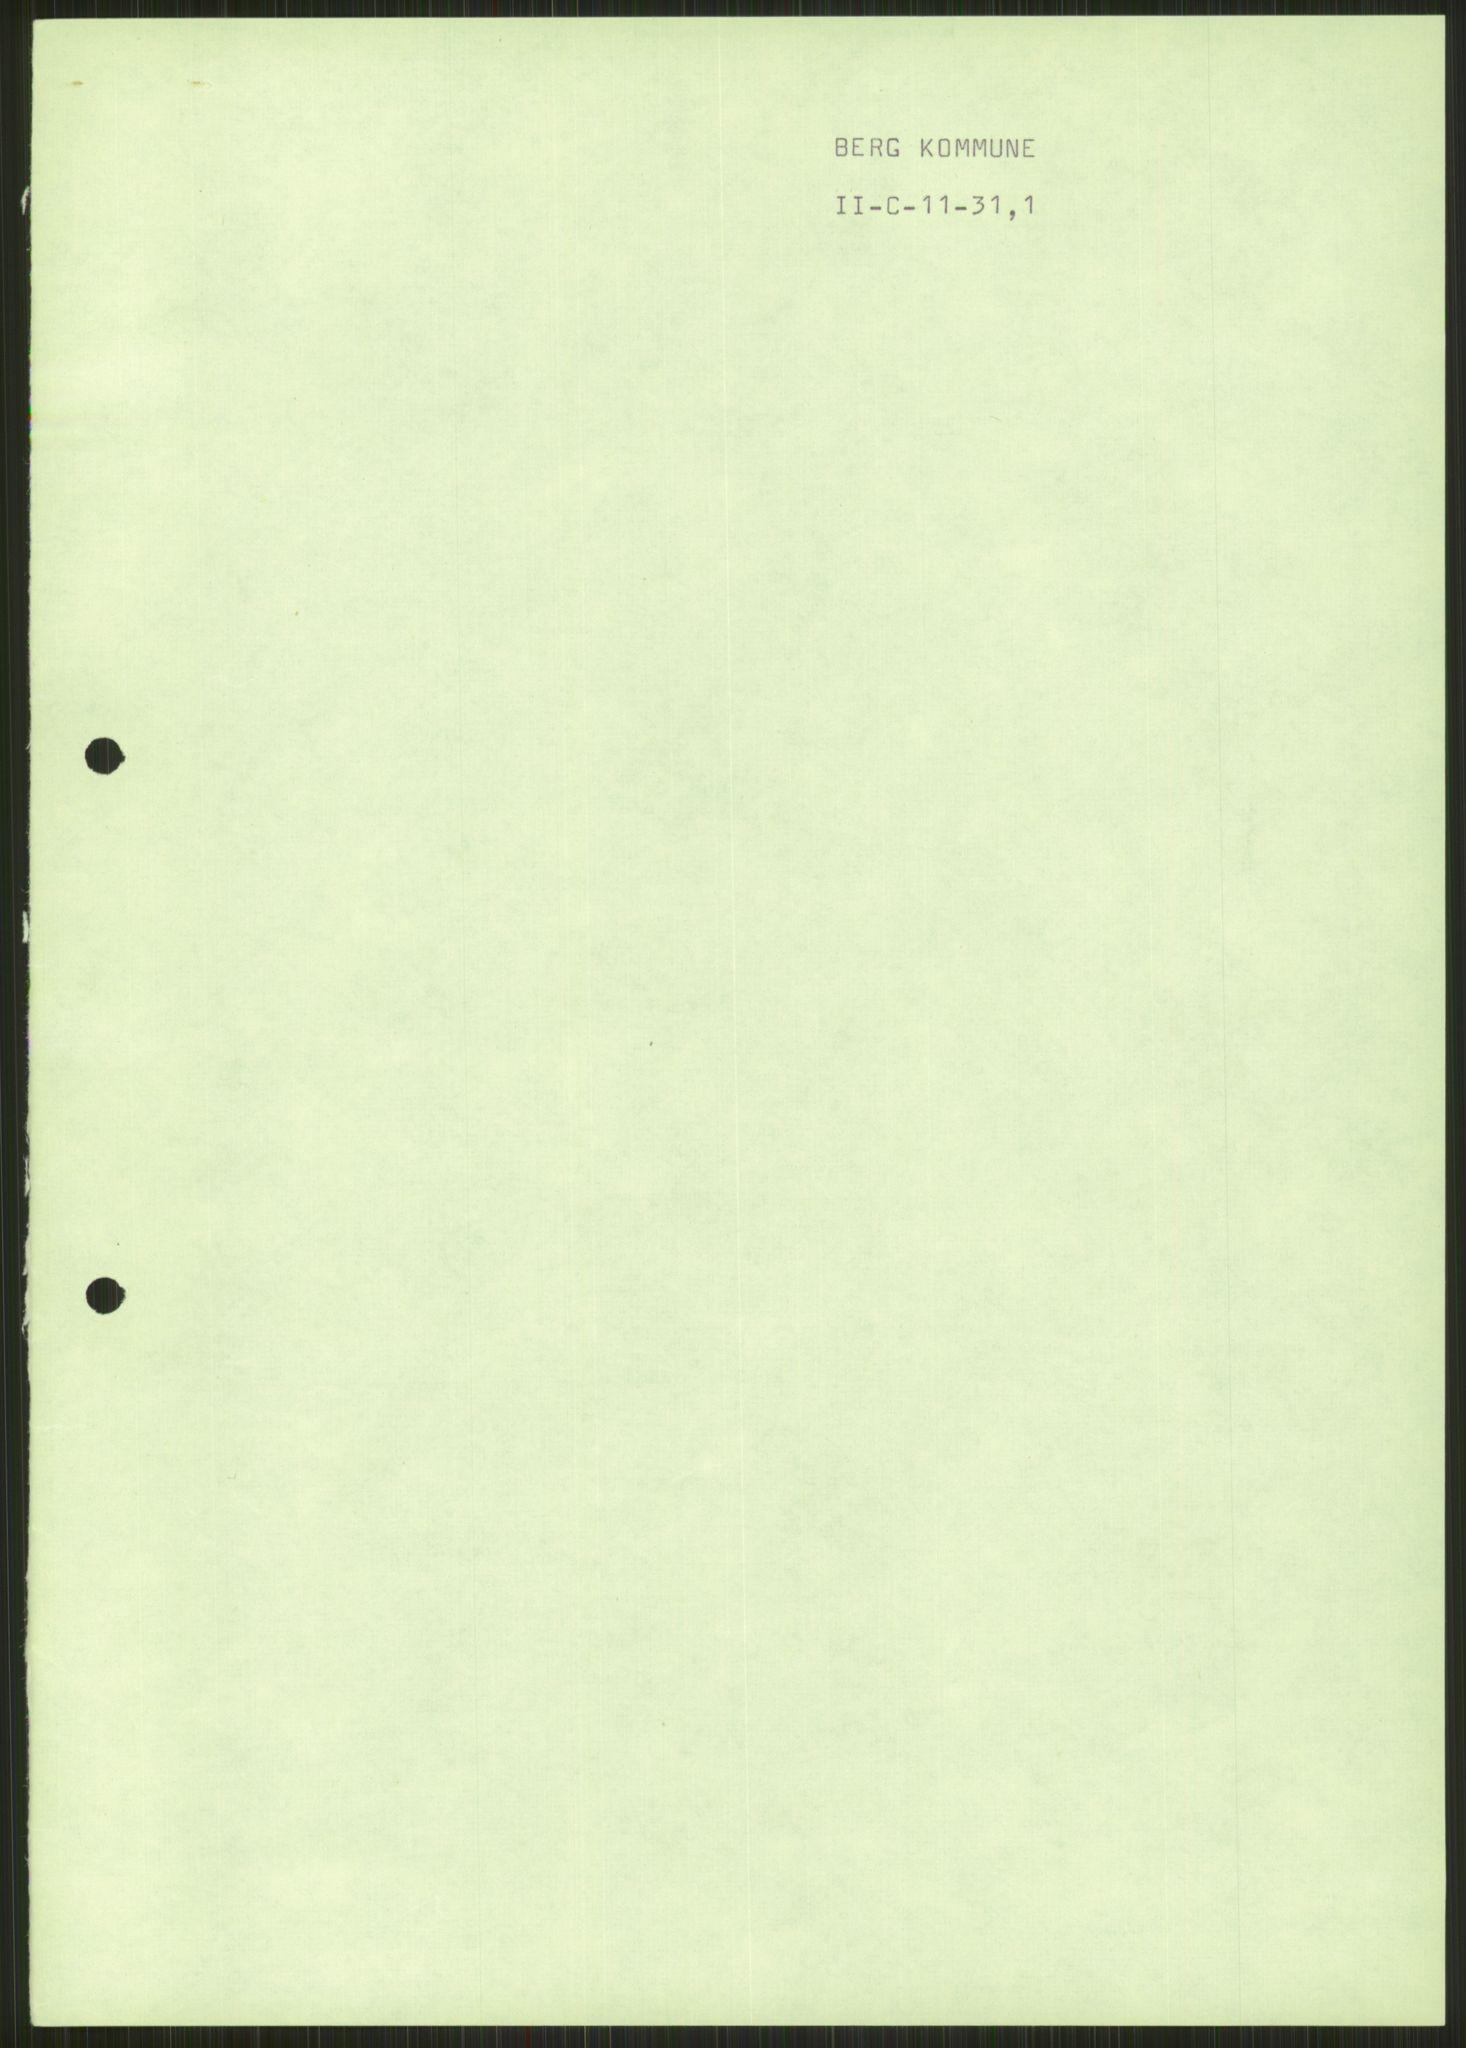 RA, Forsvaret, Forsvarets krigshistoriske avdeling, Y/Ya/L0013: II-C-11-31 - Fylkesmenn.  Rapporter om krigsbegivenhetene 1940., 1940, s. 30